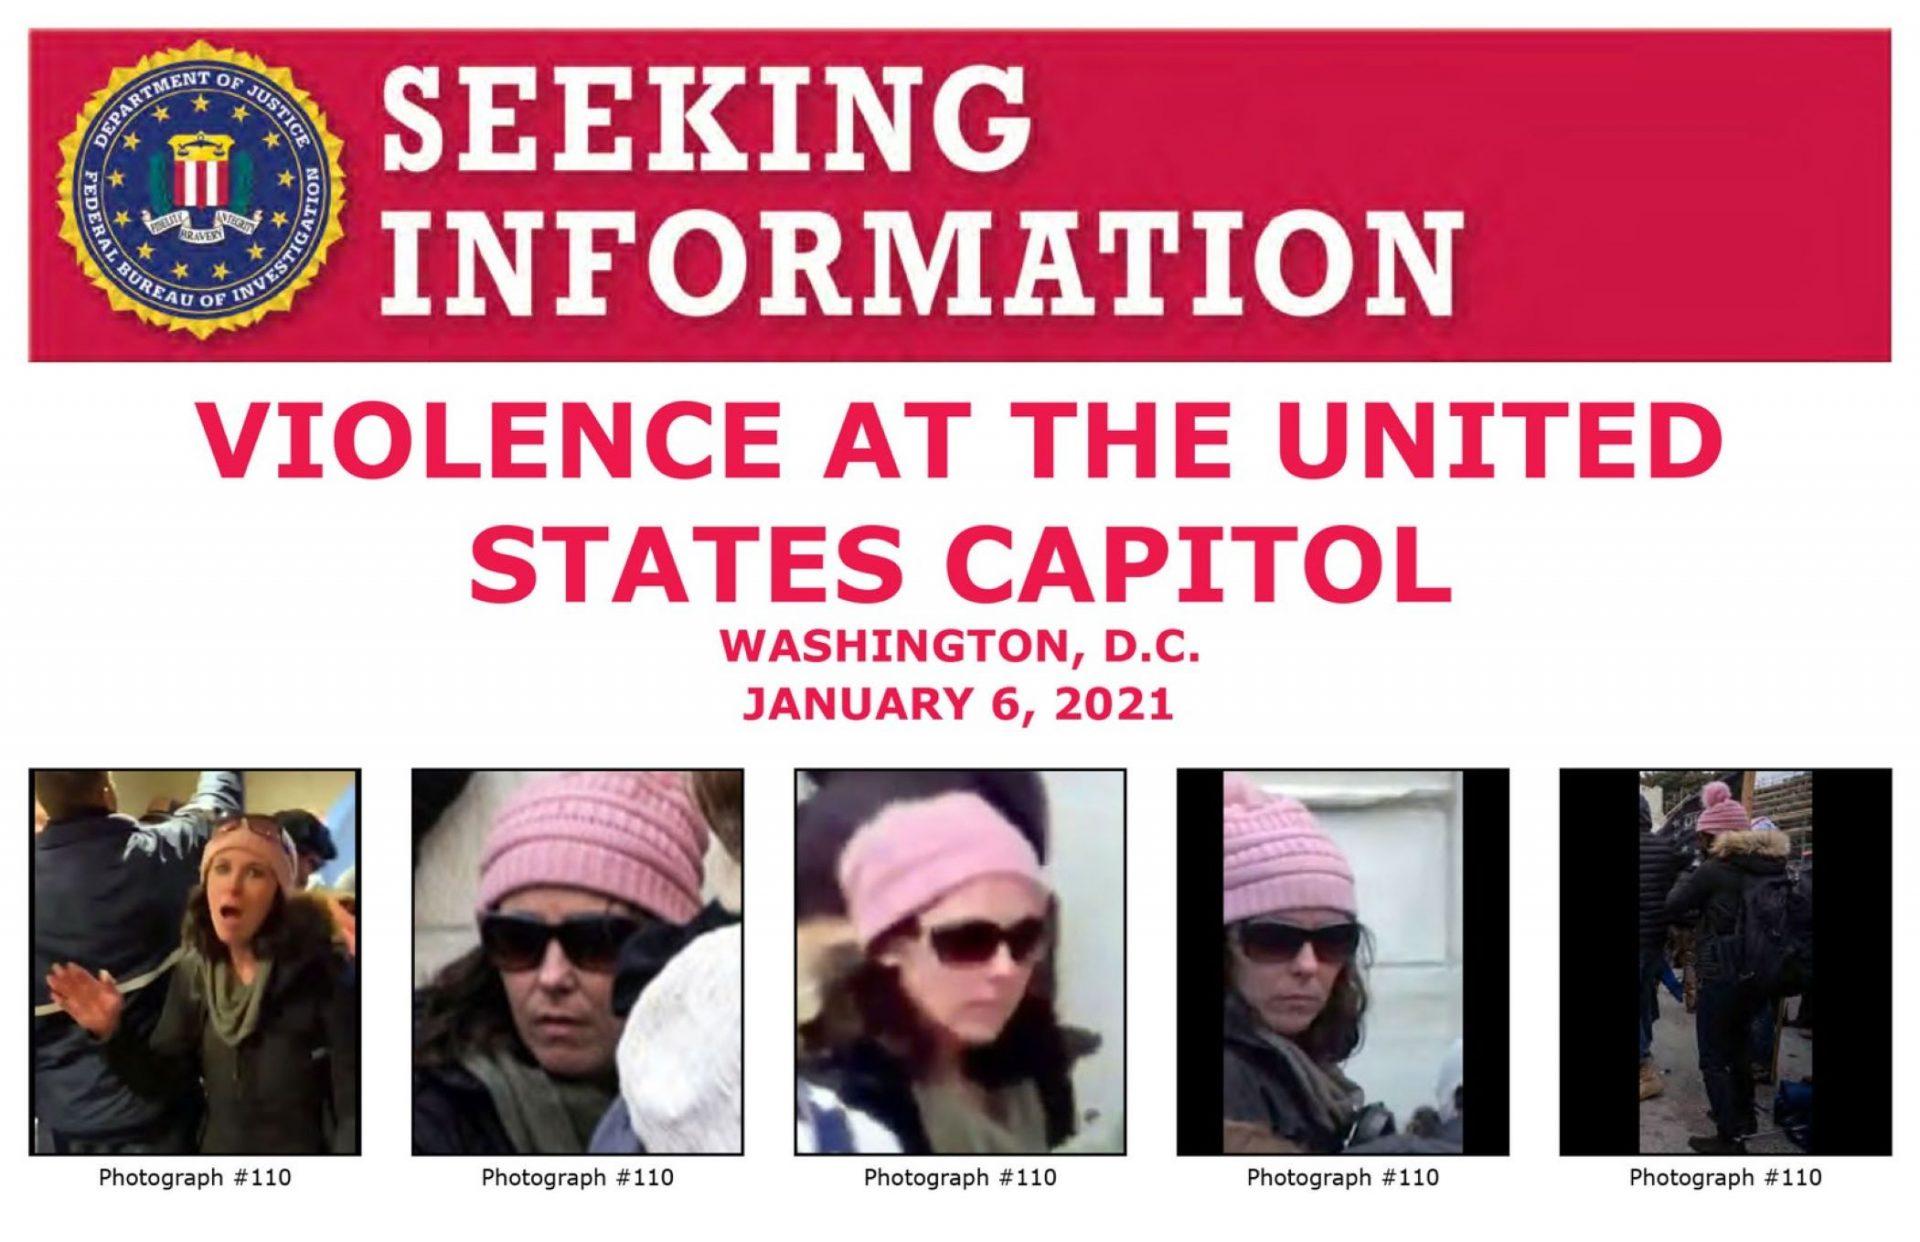 Rachel Powell is listed the FBI's wanted list.